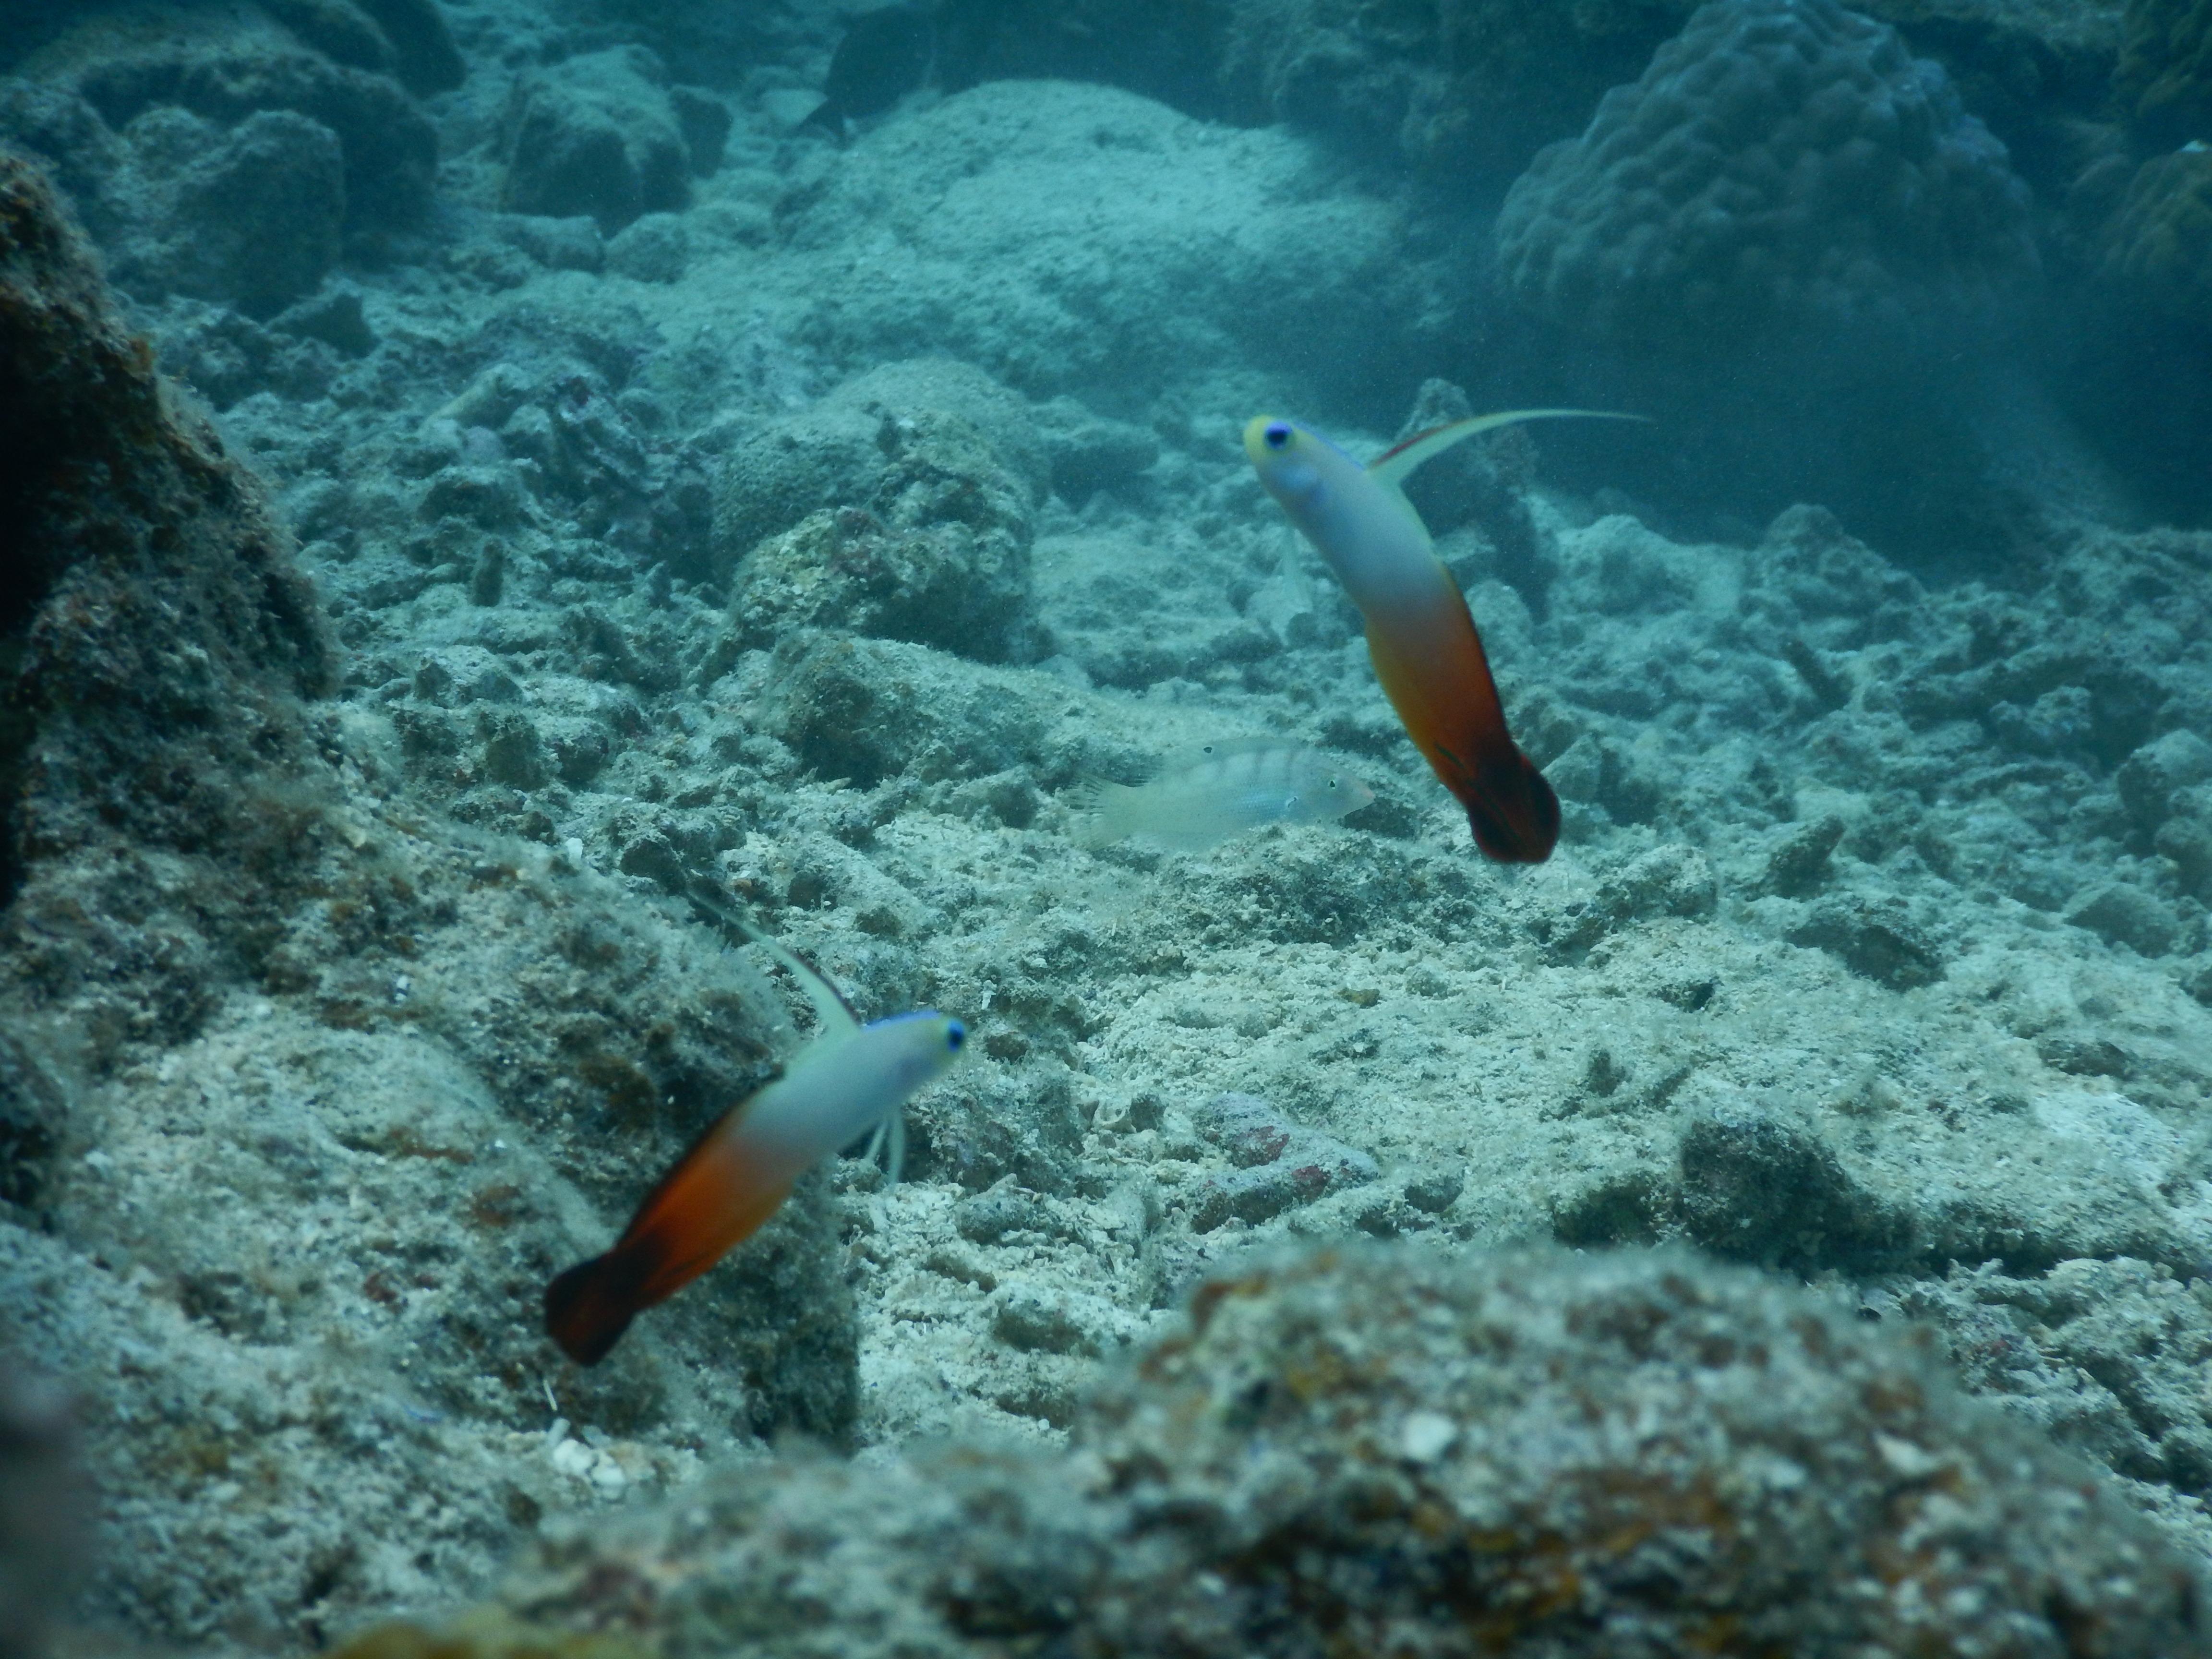 石垣島の海で見れる生物たちをご紹介!